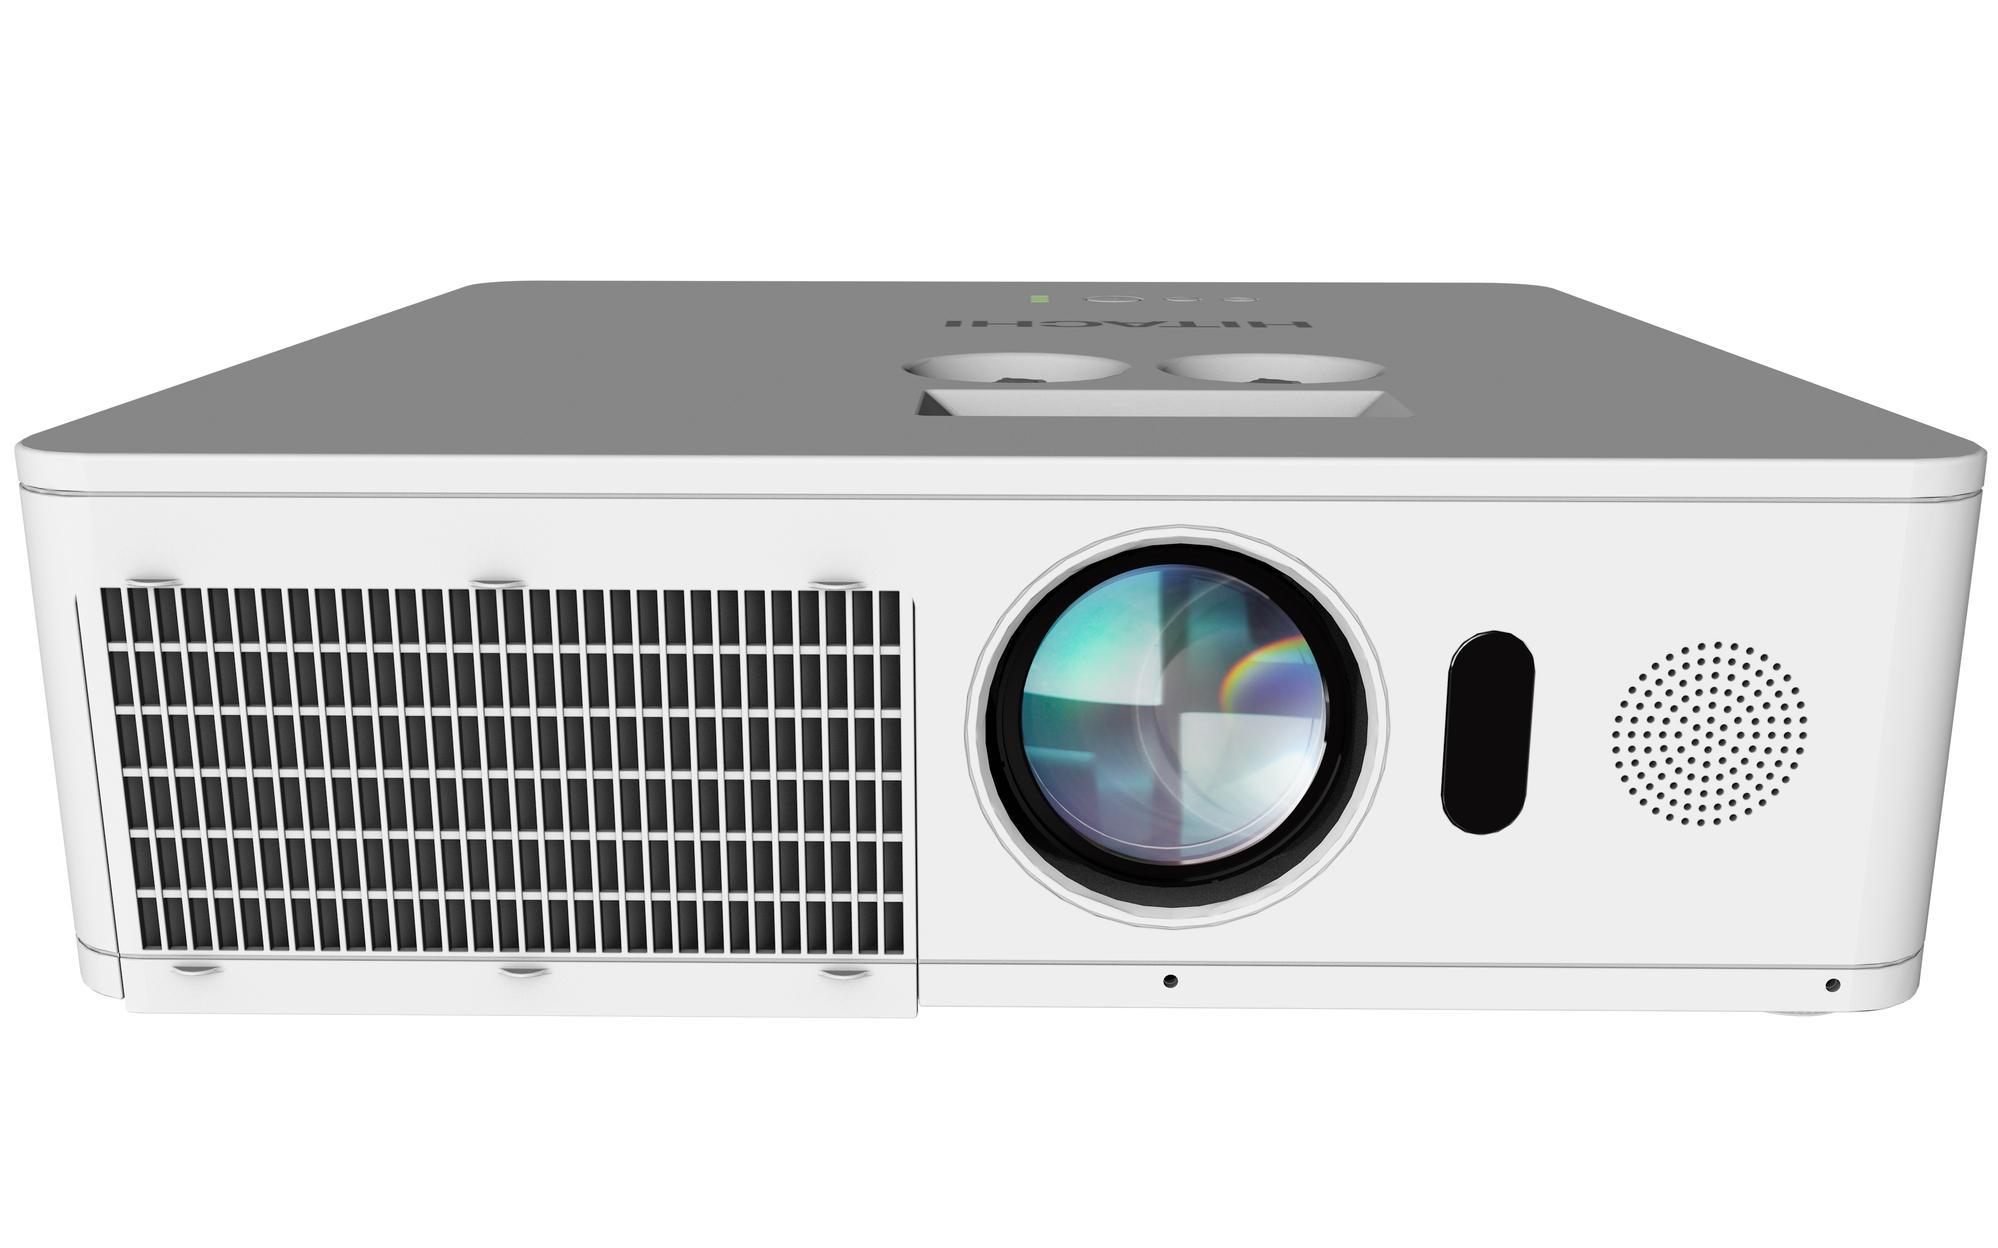 hitachi lp wu6500. de lp-wu6500 is een zeer welkome aanvulling op bestaande reeks led projectoren van hitachi. krachtige beamer deze innovatieve fabrikant, hitachi lp wu6500